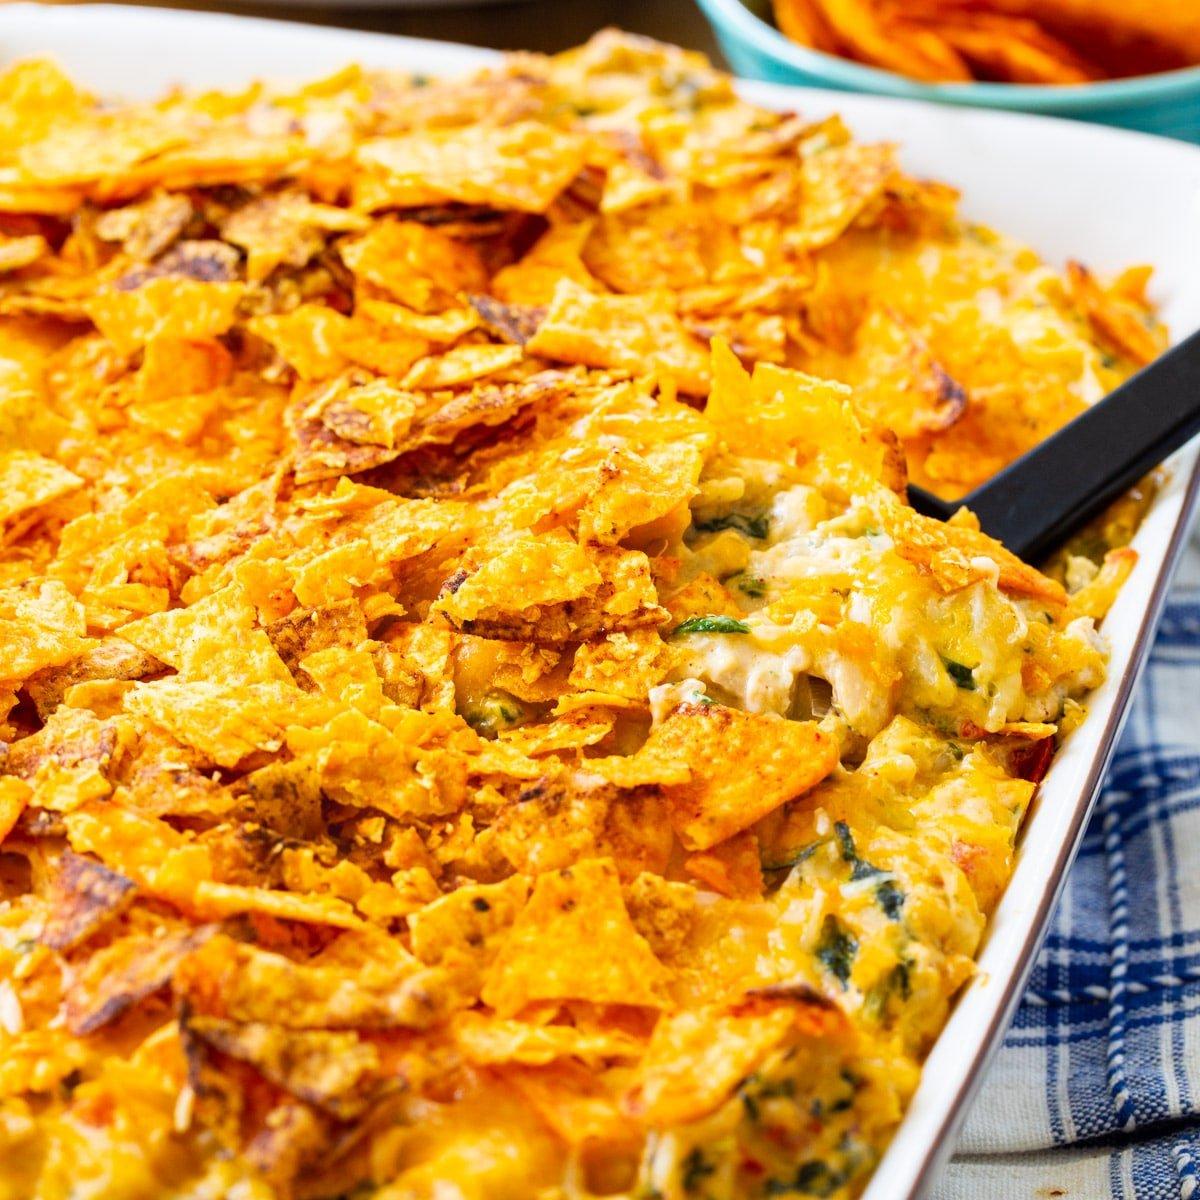 Southwestern Turkey Casserole in baking dish.